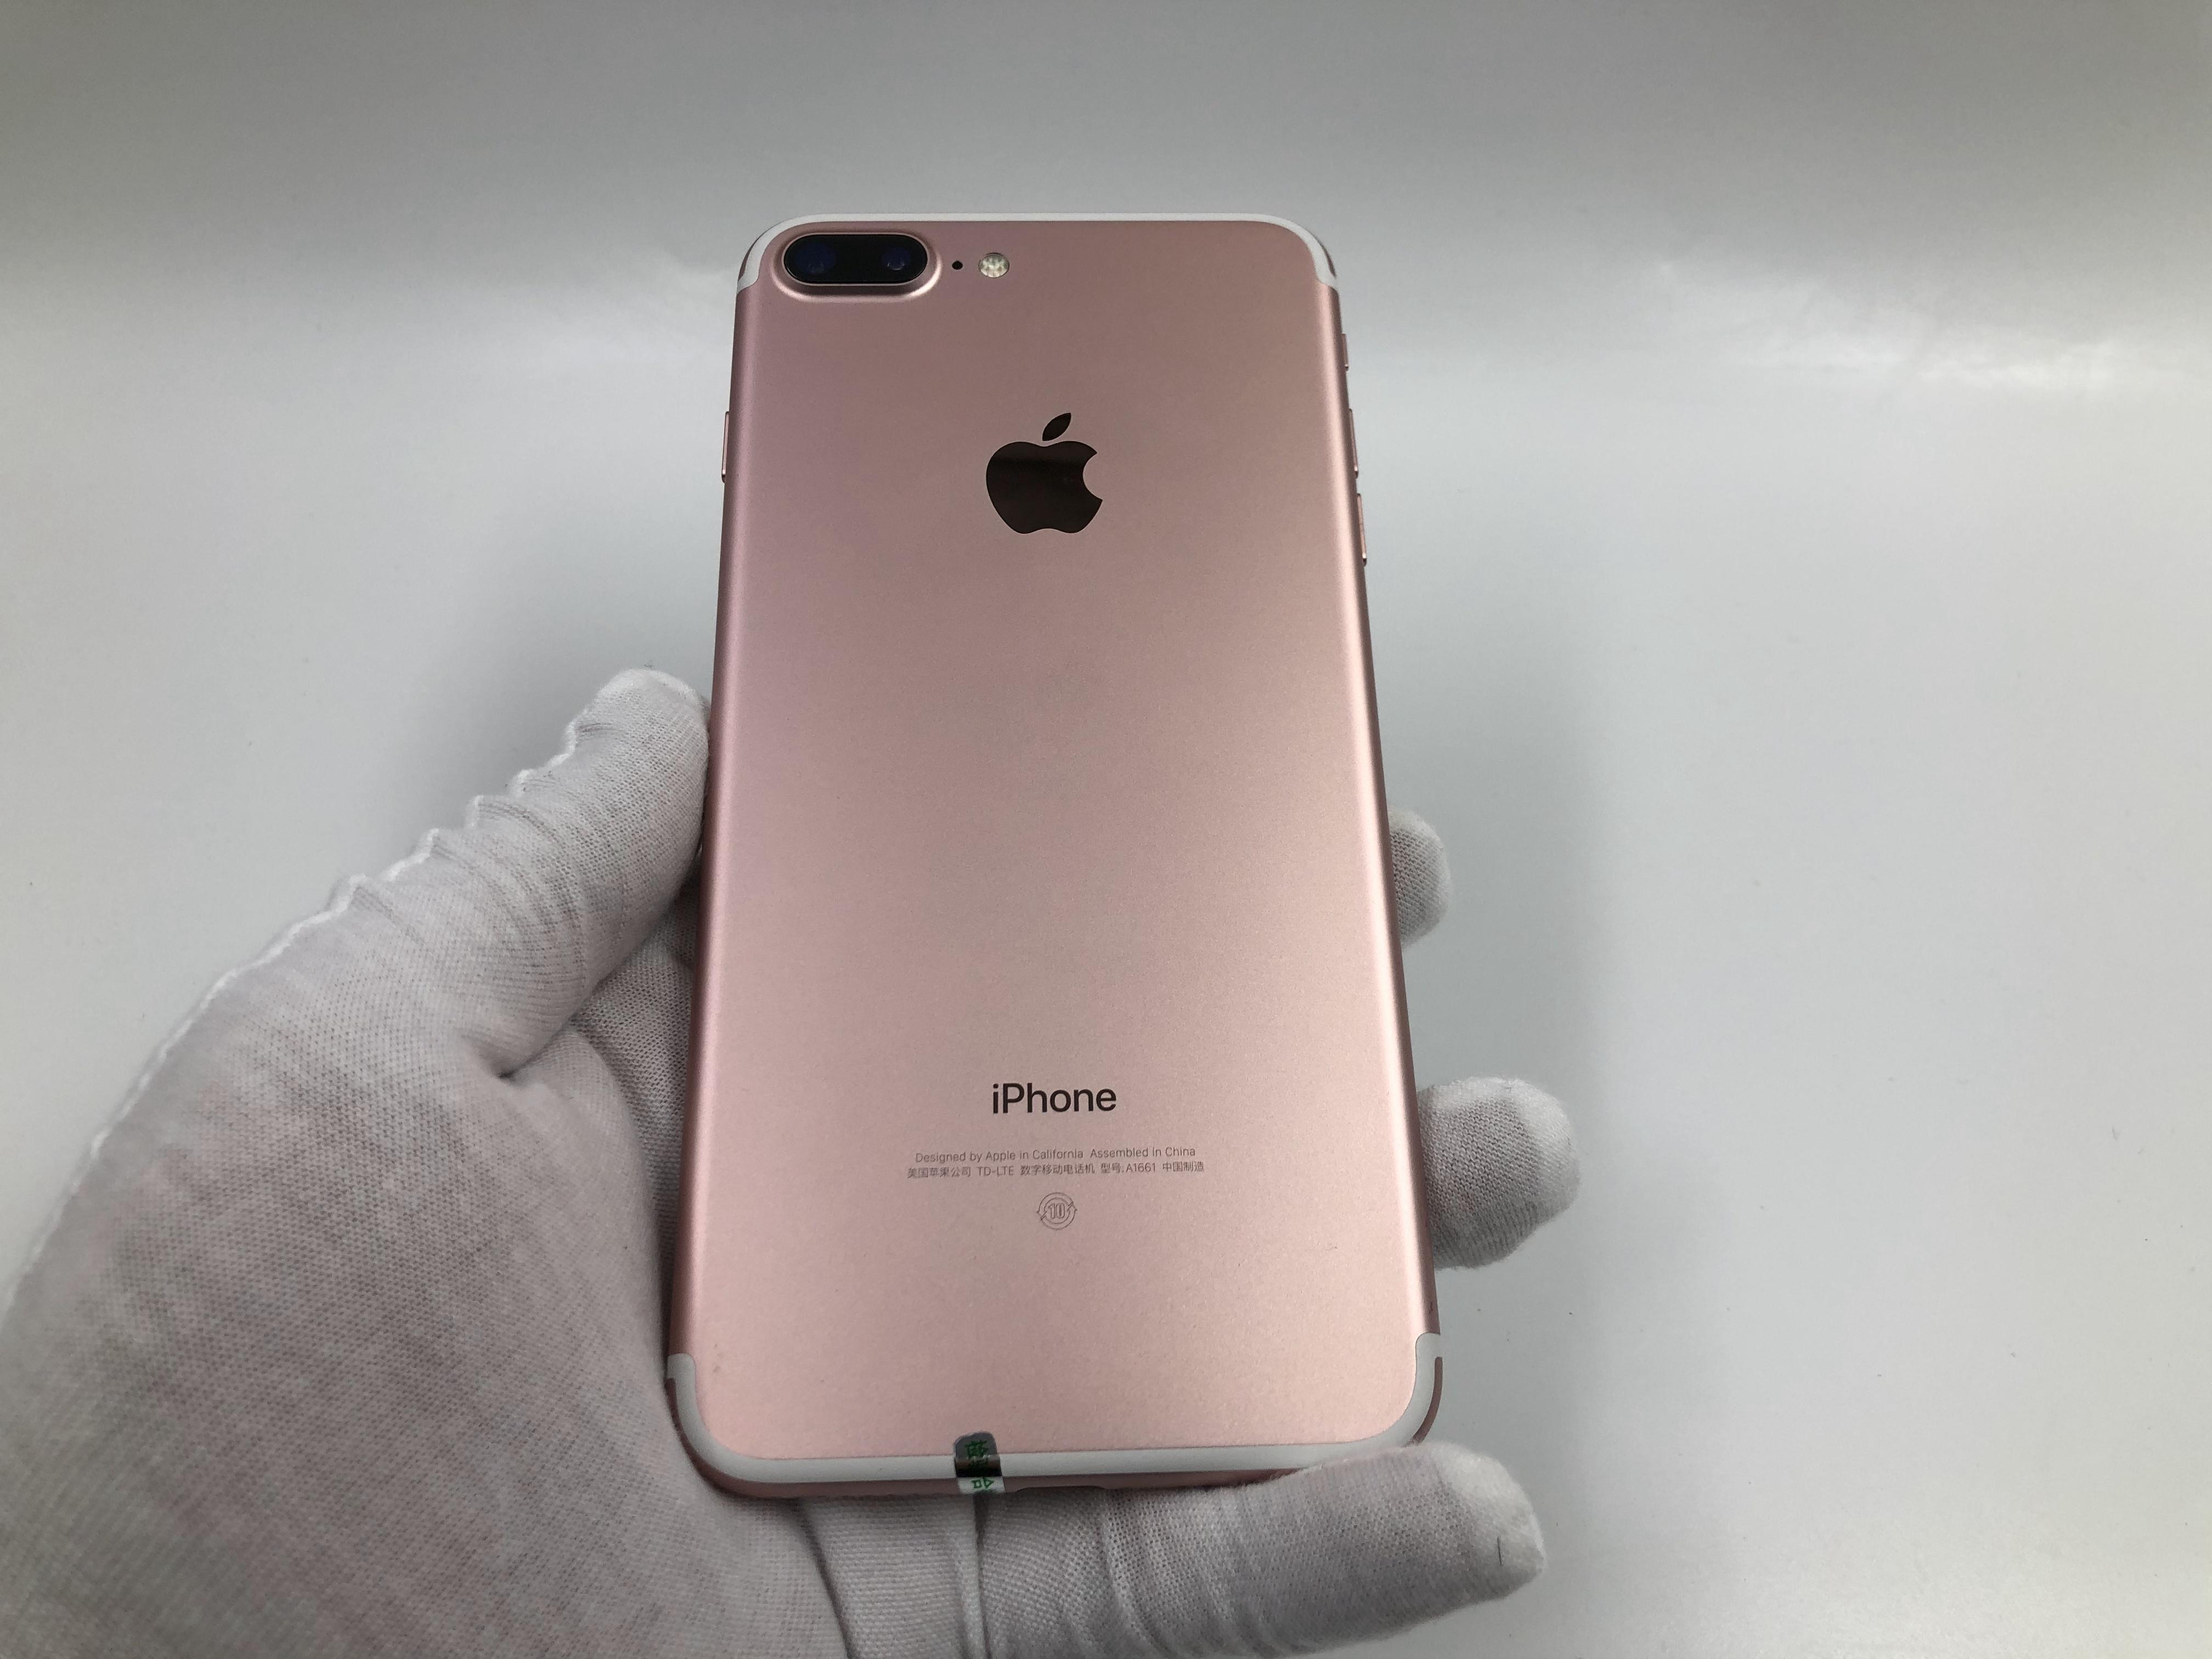 苹果【iPhone 7 Plus】4G全网通 玫瑰金 128G 国行 95新 真机实拍